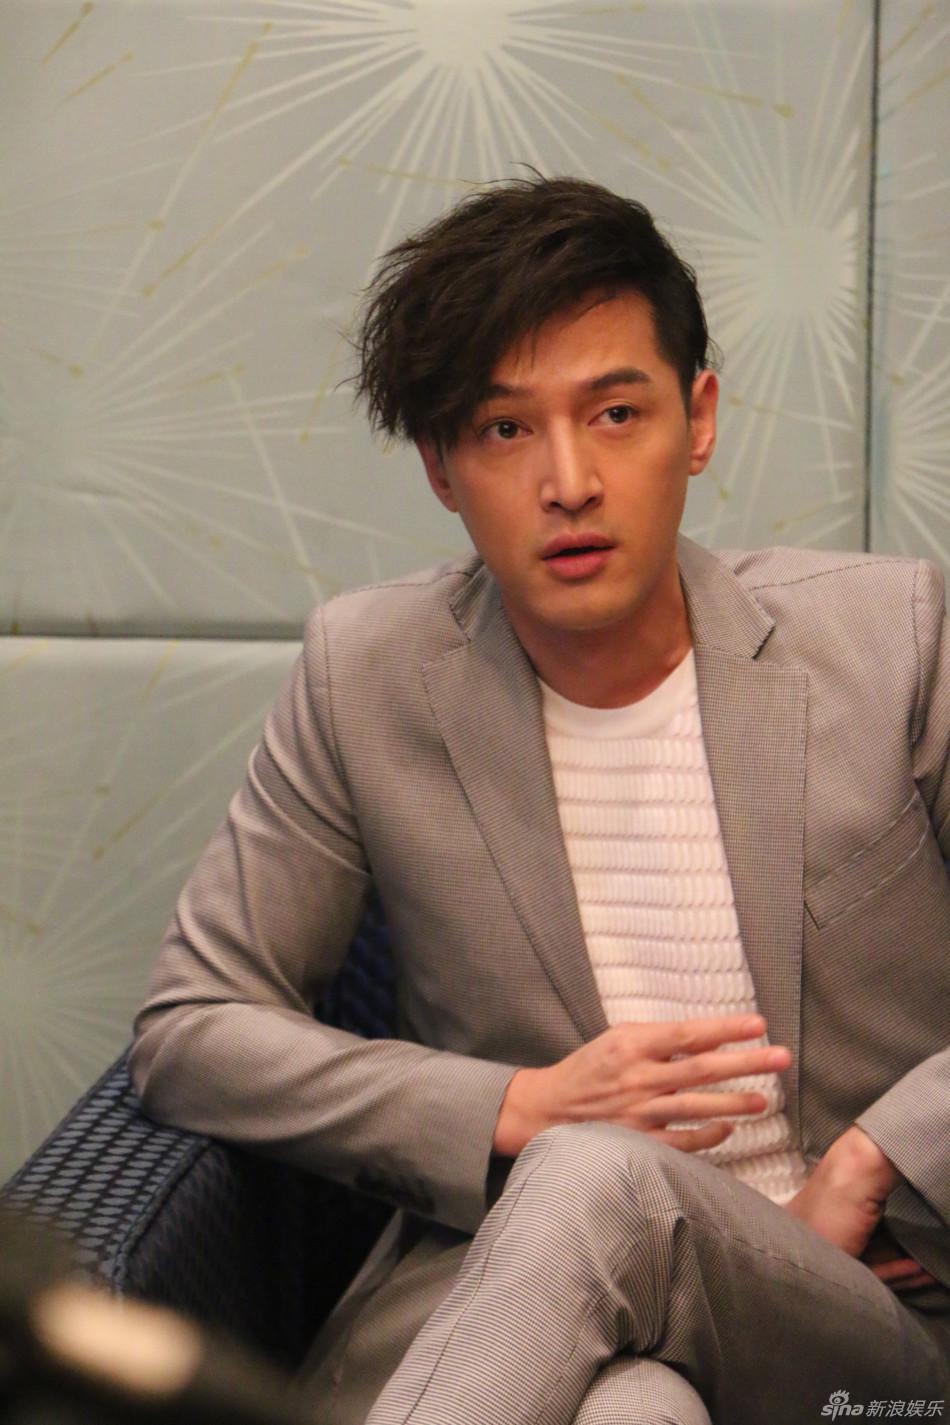 《旋风十一人》在上海举行发布会.剧中胡歌和江疏影饰演一对CP,